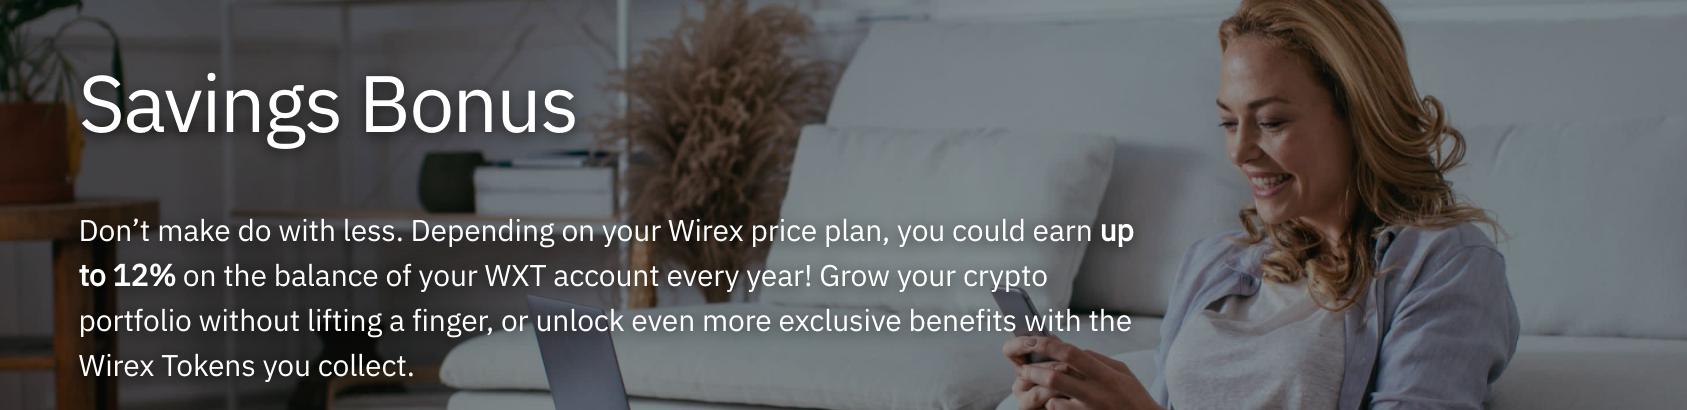 Wirex savings bonuses